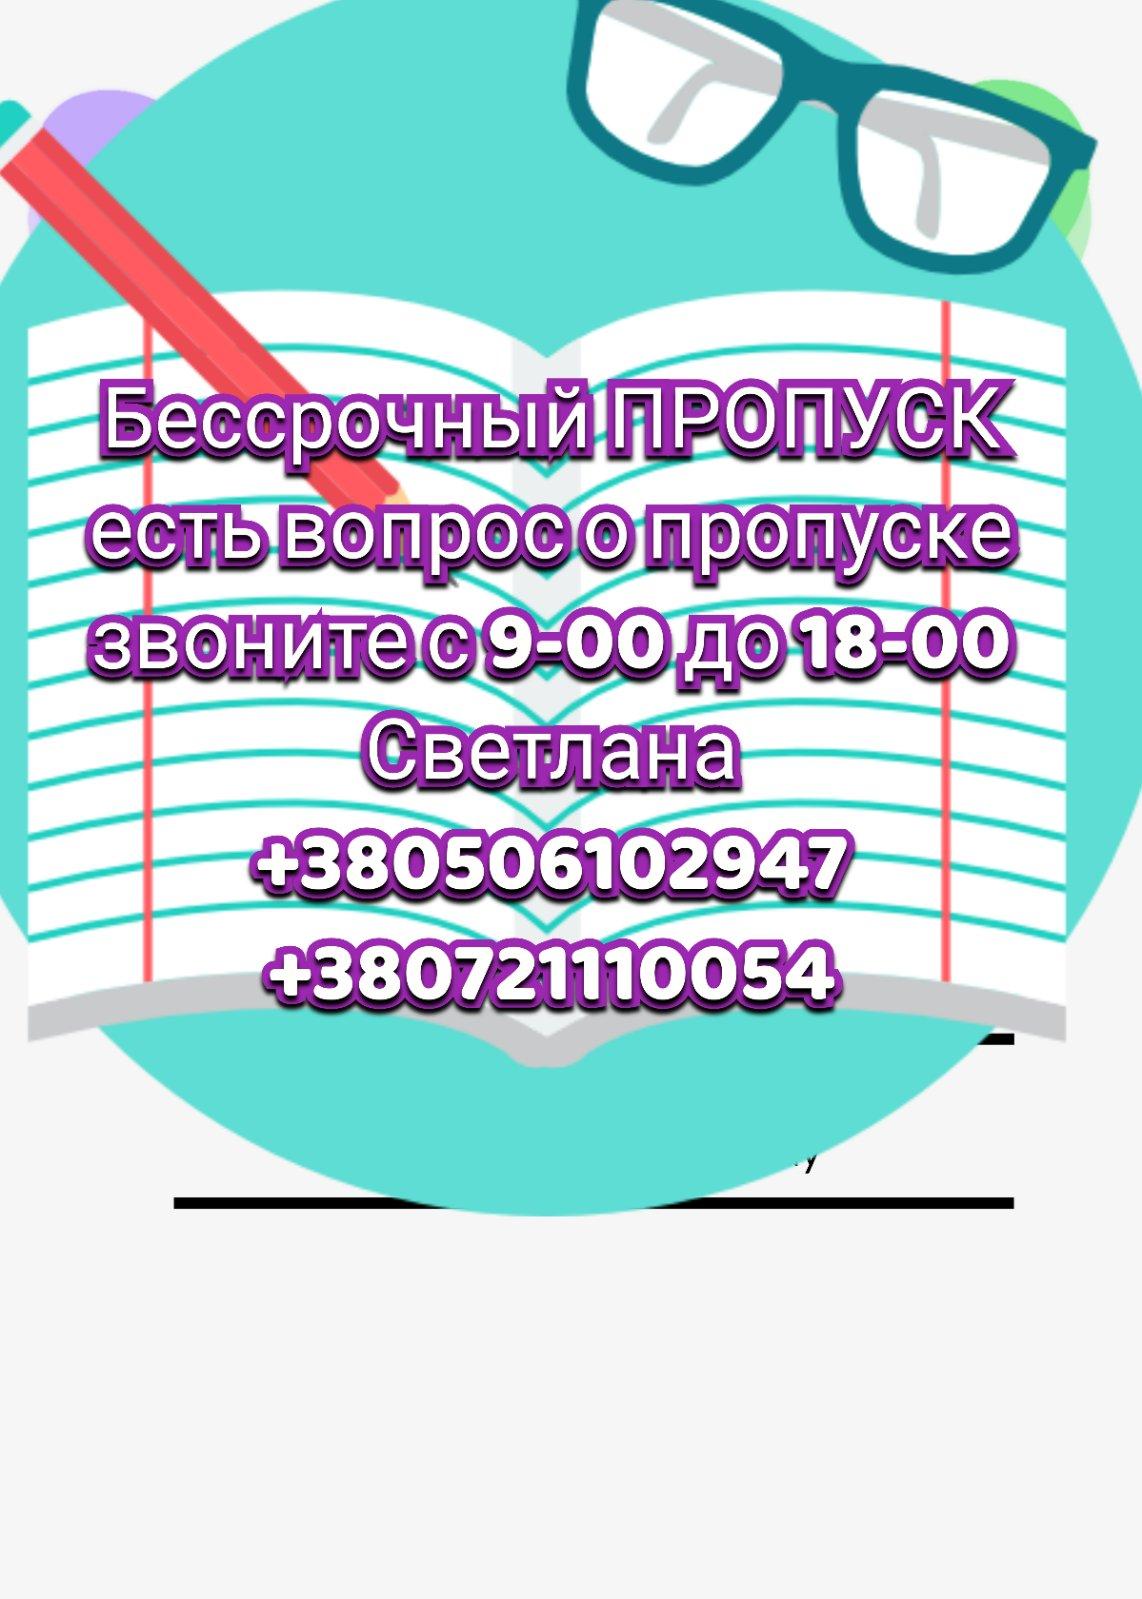 ПPОПУCК бecсpoчный элeктpoнный